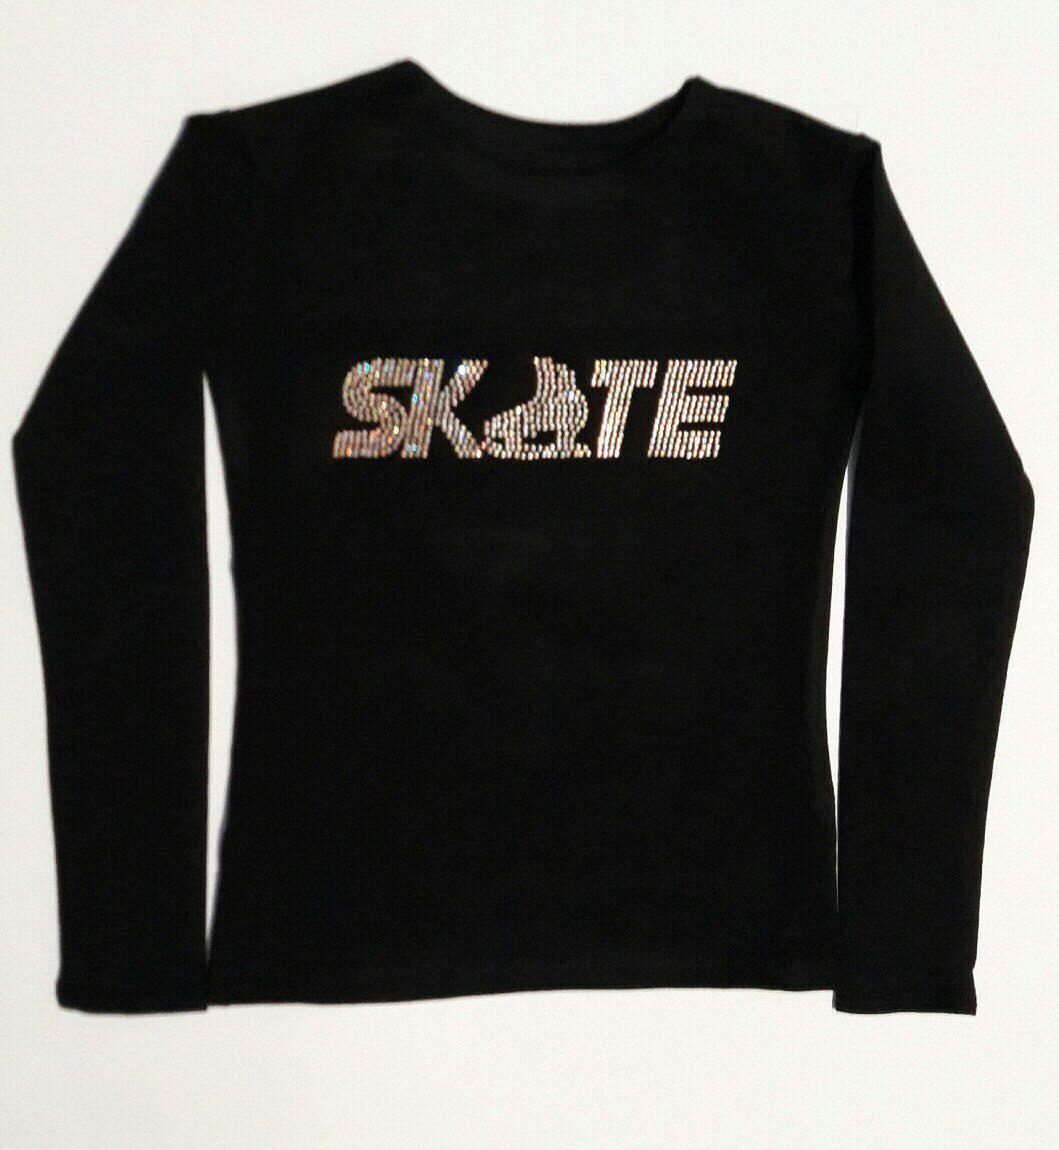 Одежда для тренировок (футболки с коротким и длинным рукавом) с символикой фигурного катания